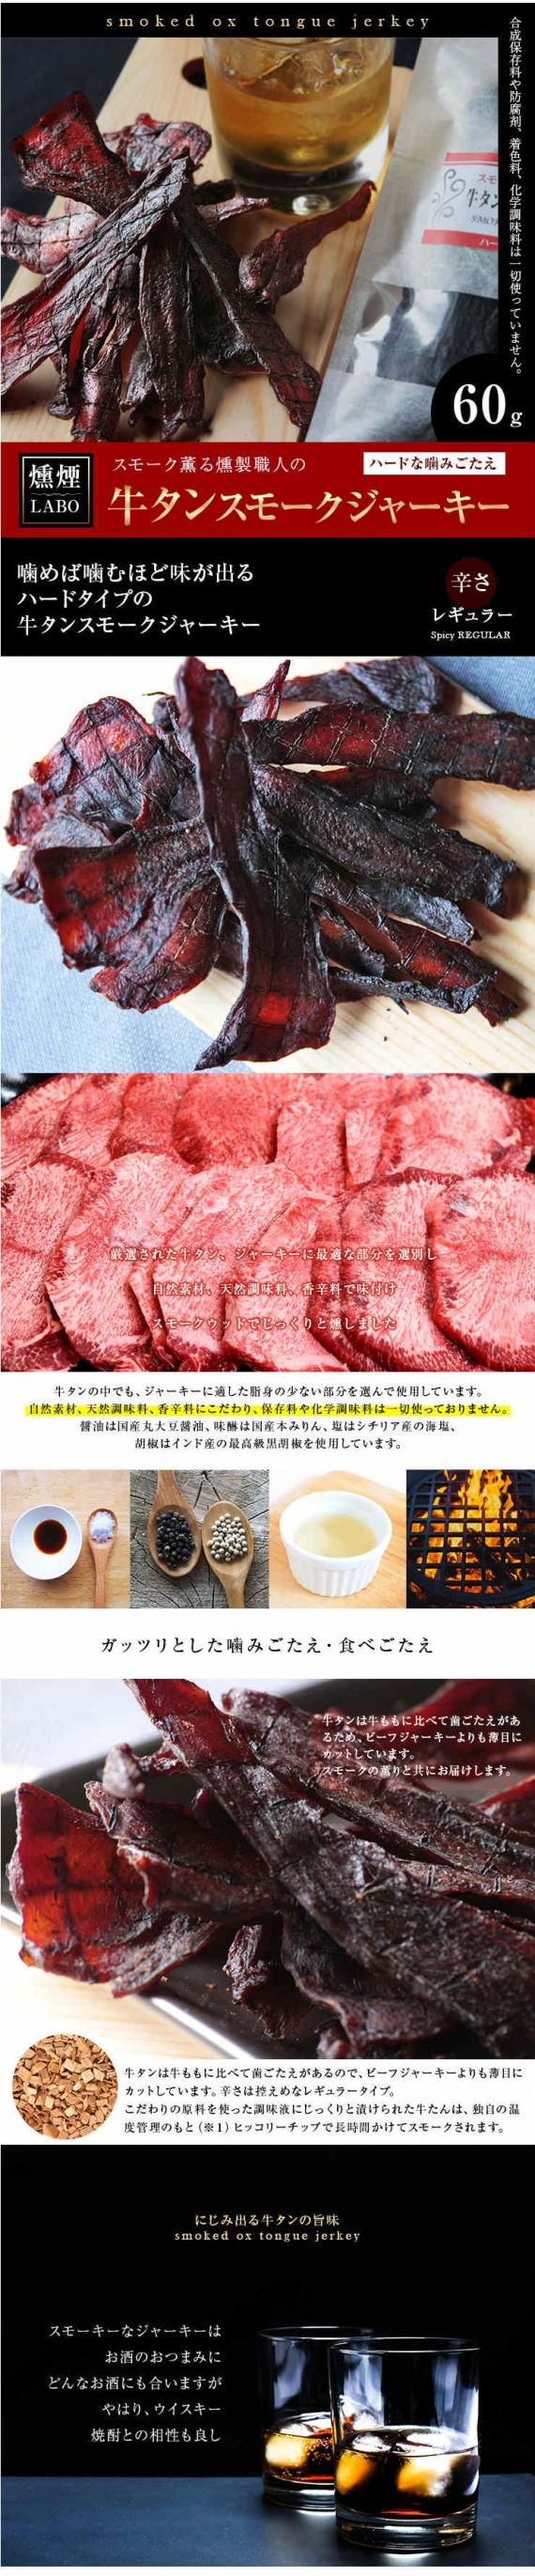 お肉のおつまみ 牛タンジャーキー (牛たん/jerky/スモークジャーキー) 70g 国産 乾燥肉 干し肉 お試し 食品 お取り寄せグルメ 絶品 珍味 常温保存も可能 珍味のお試し・おためしに 簡易包装 訳